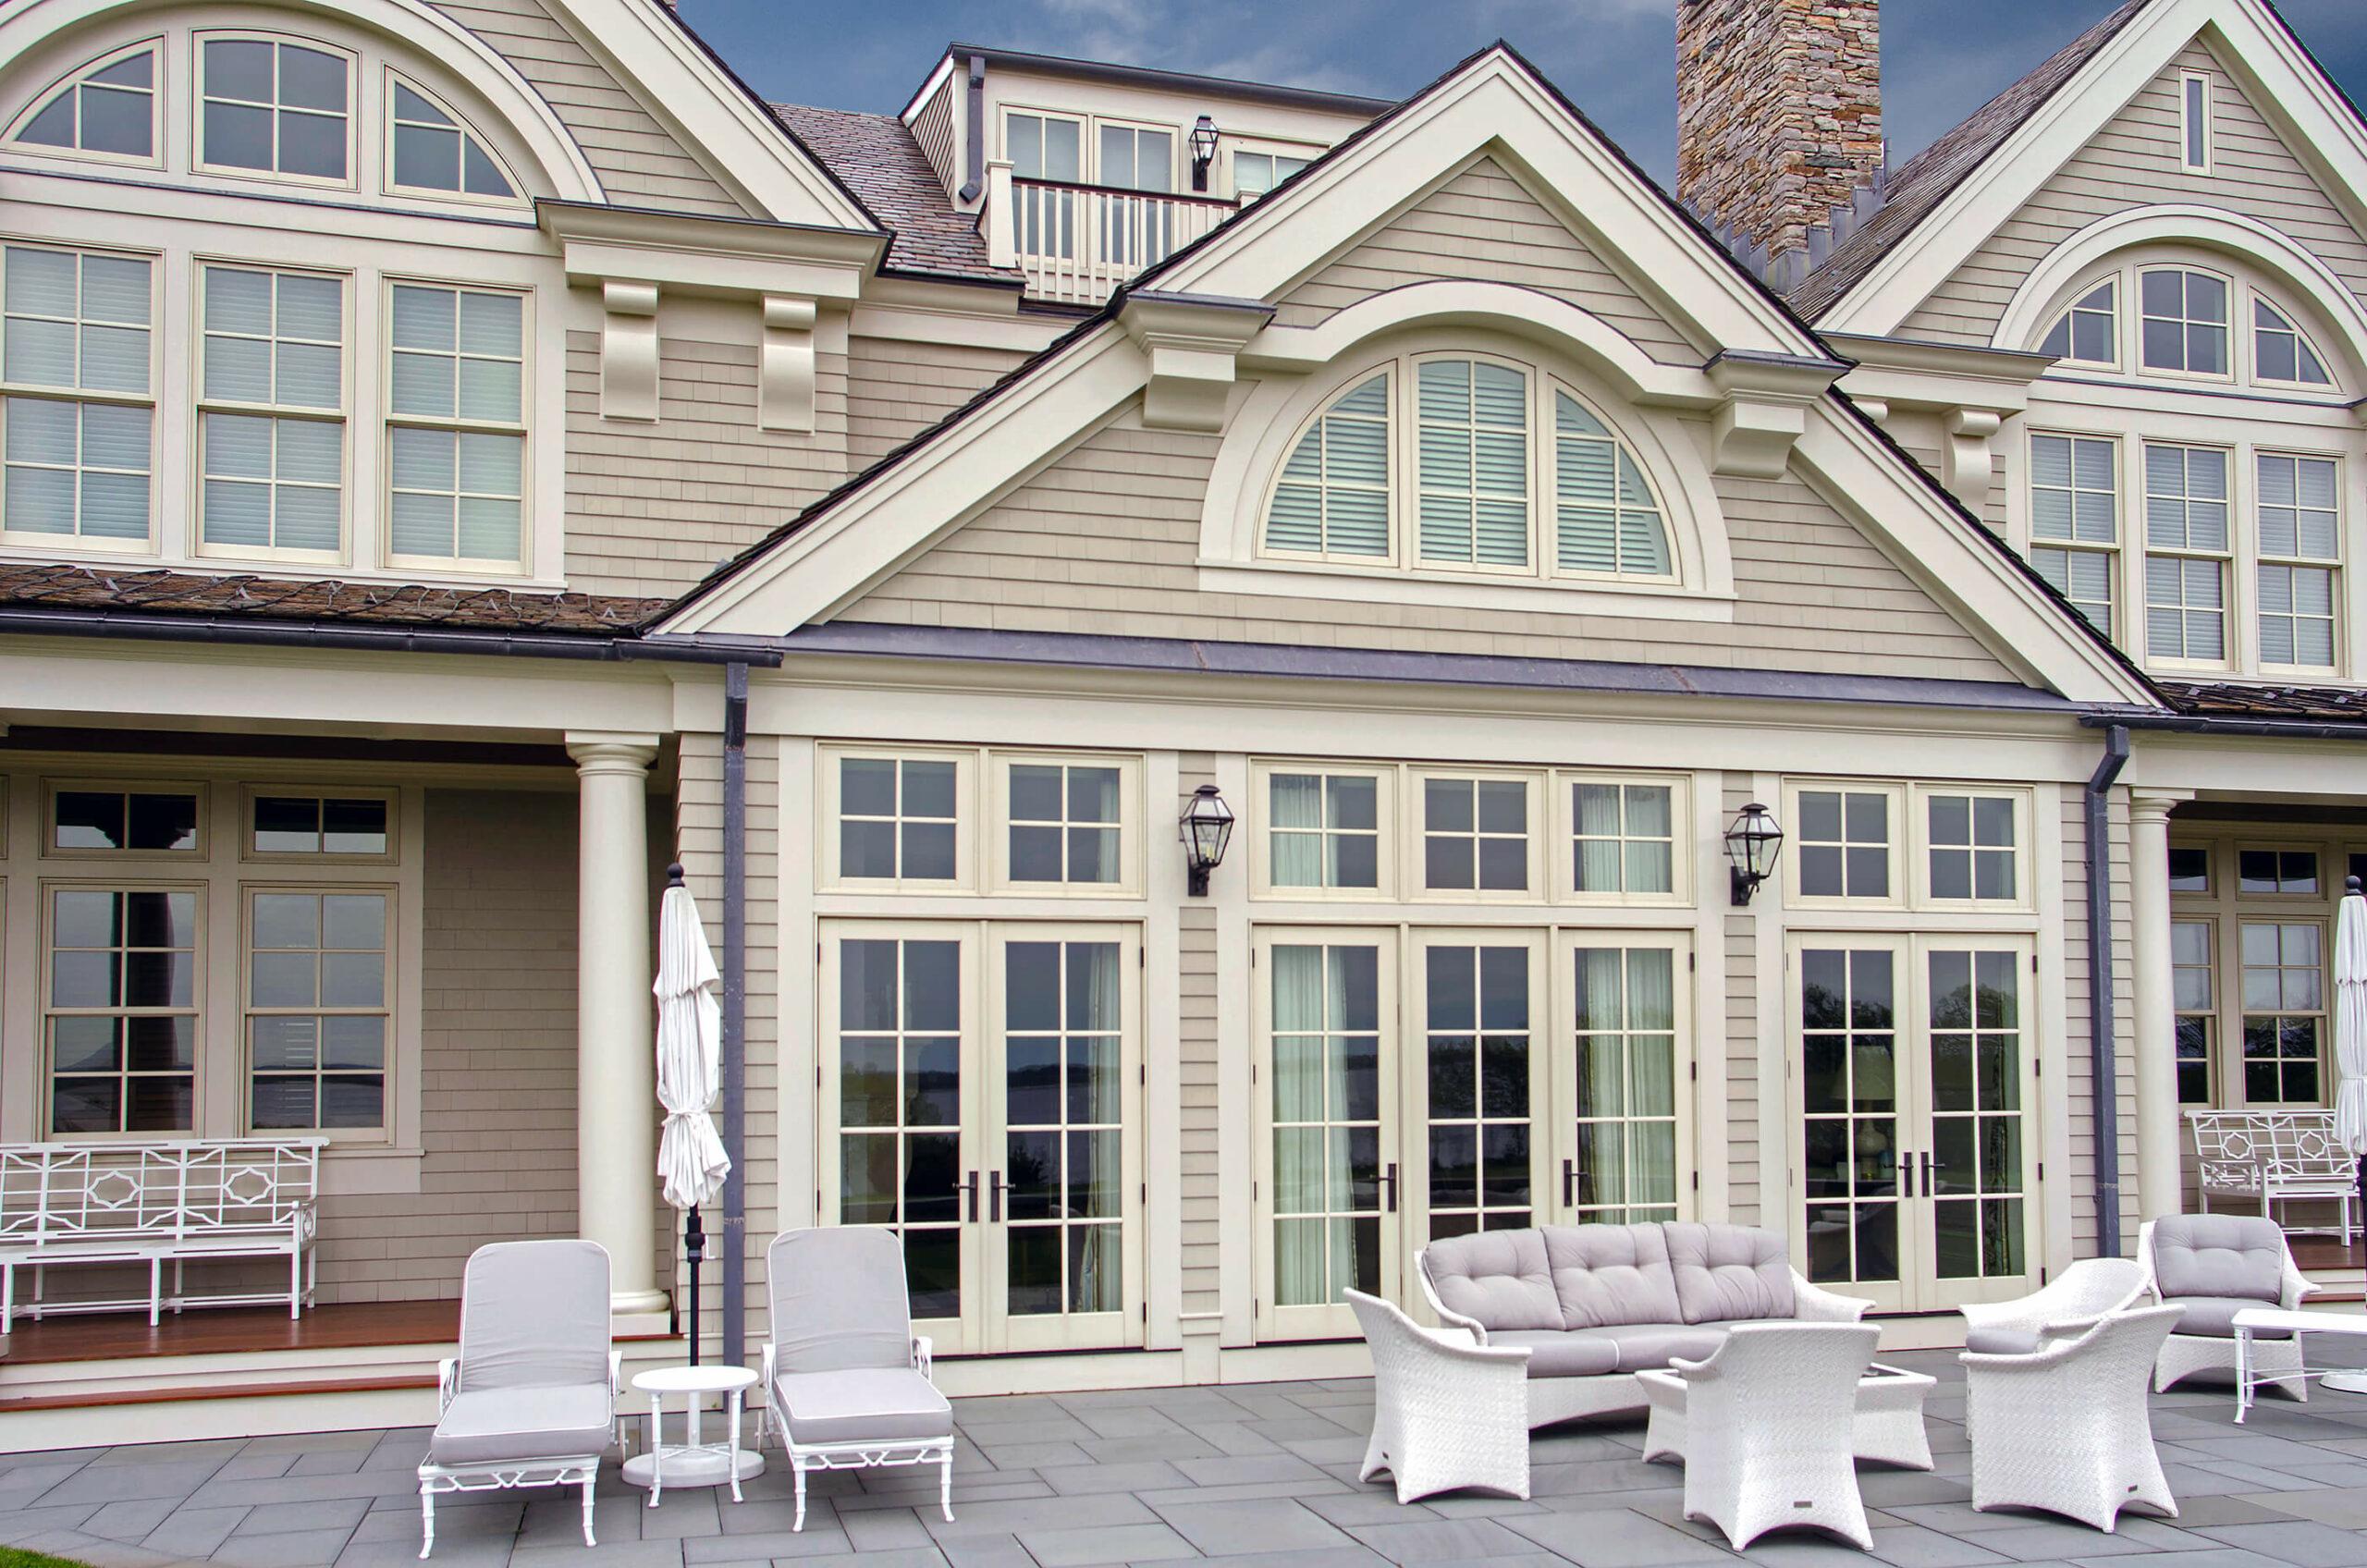 Photo of a seaside home with Kolbe Windows